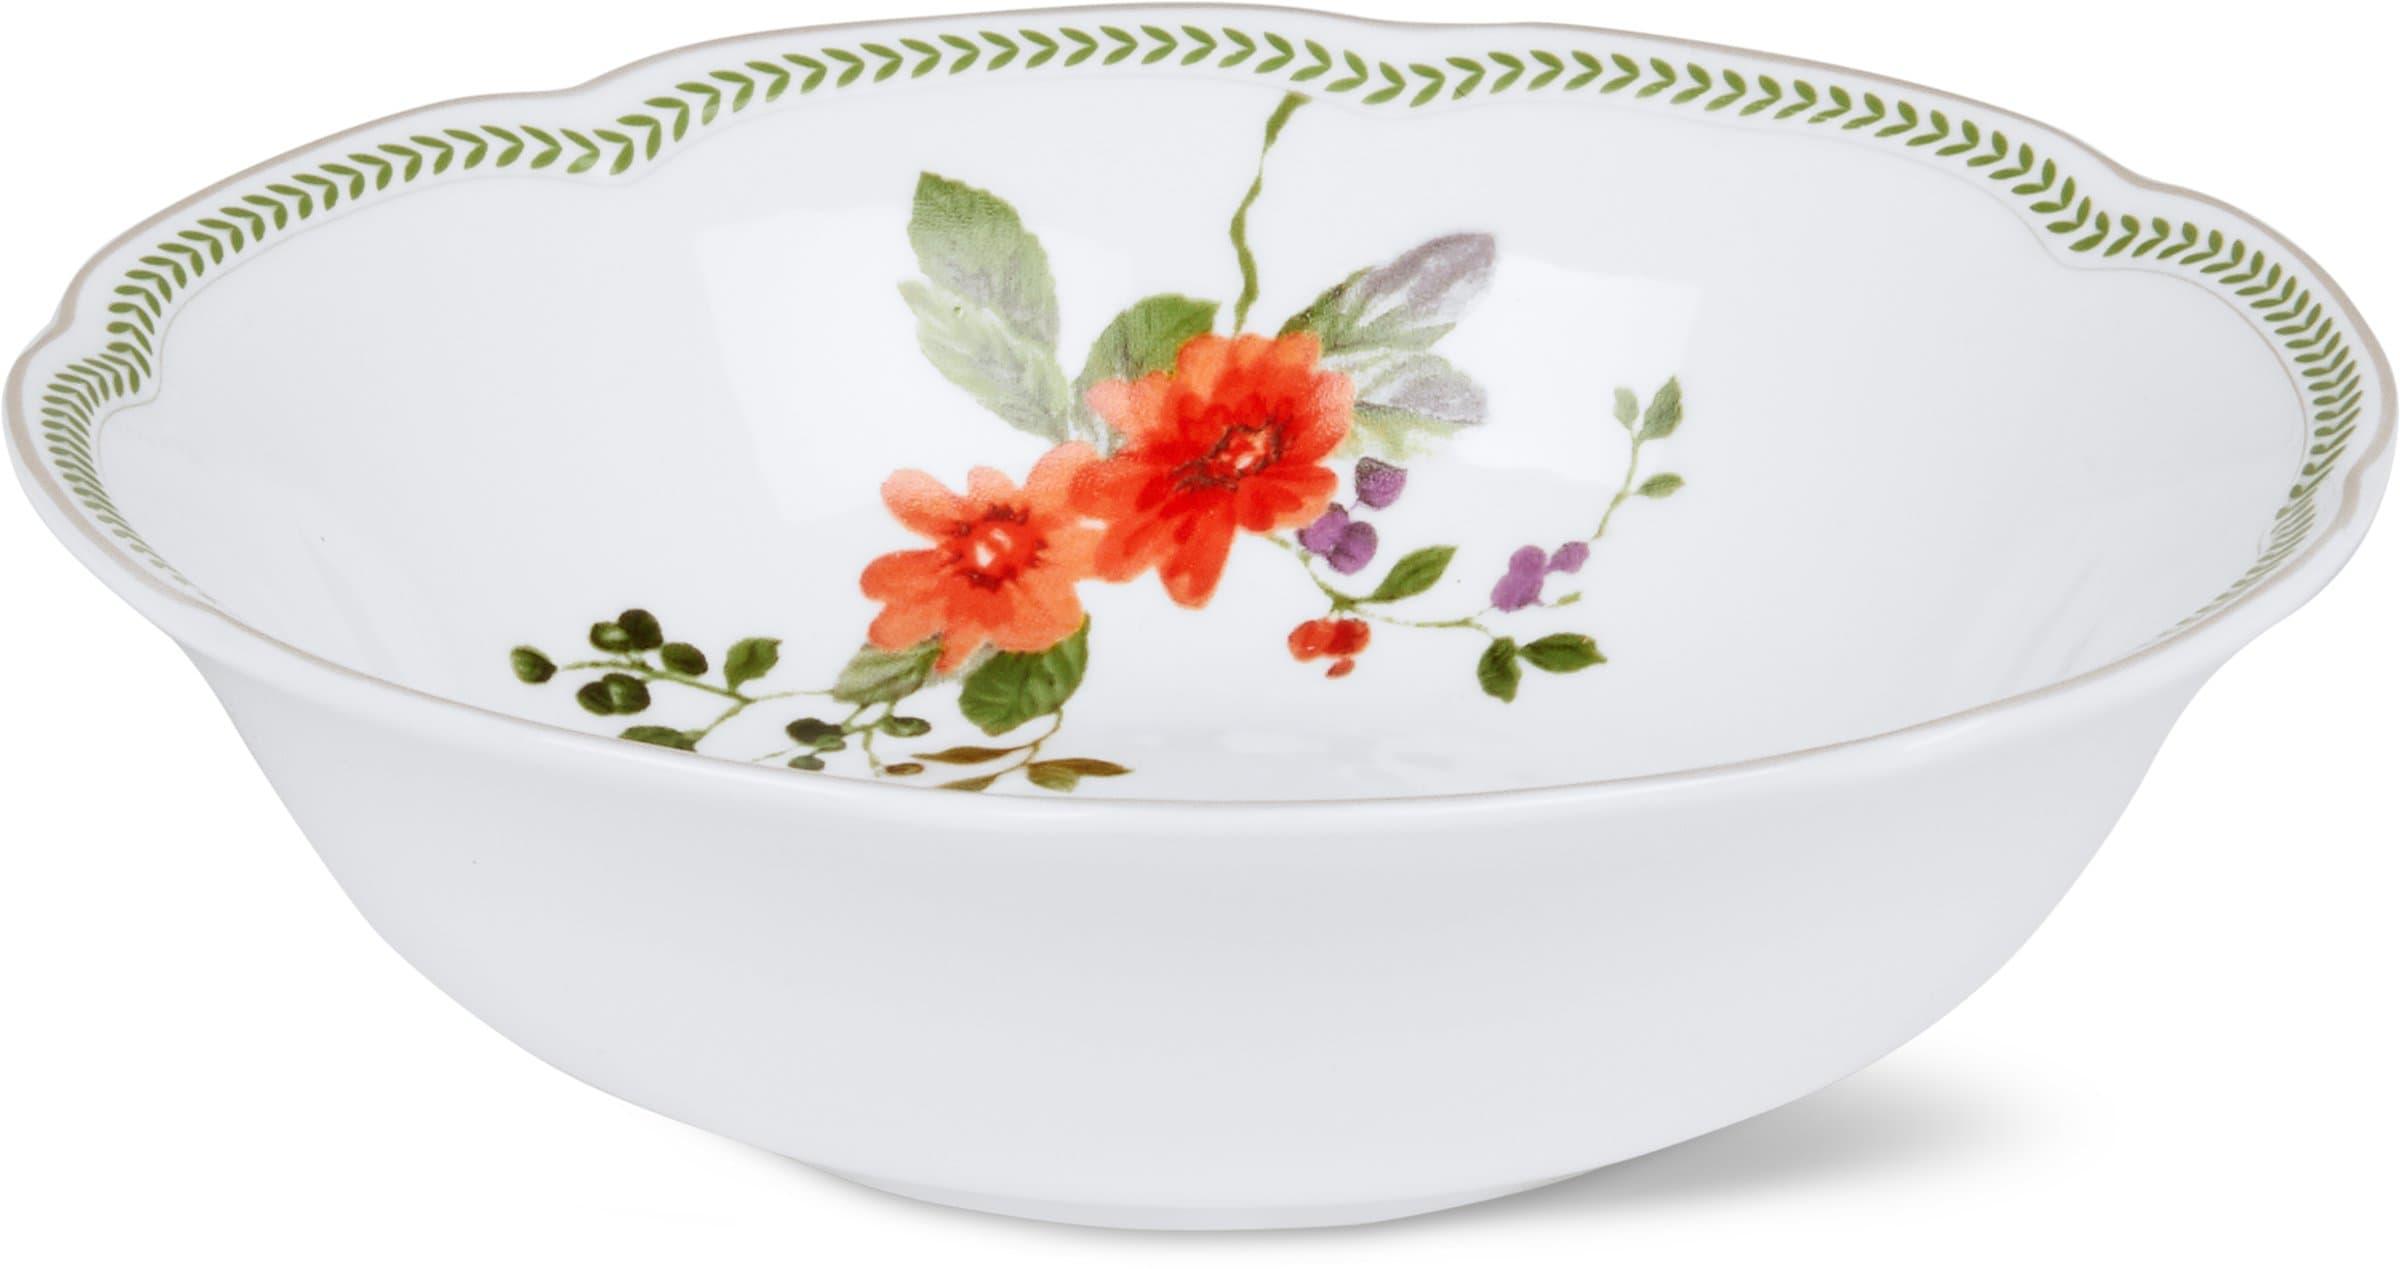 Cucina & Tavola LANDHAUS Bowl